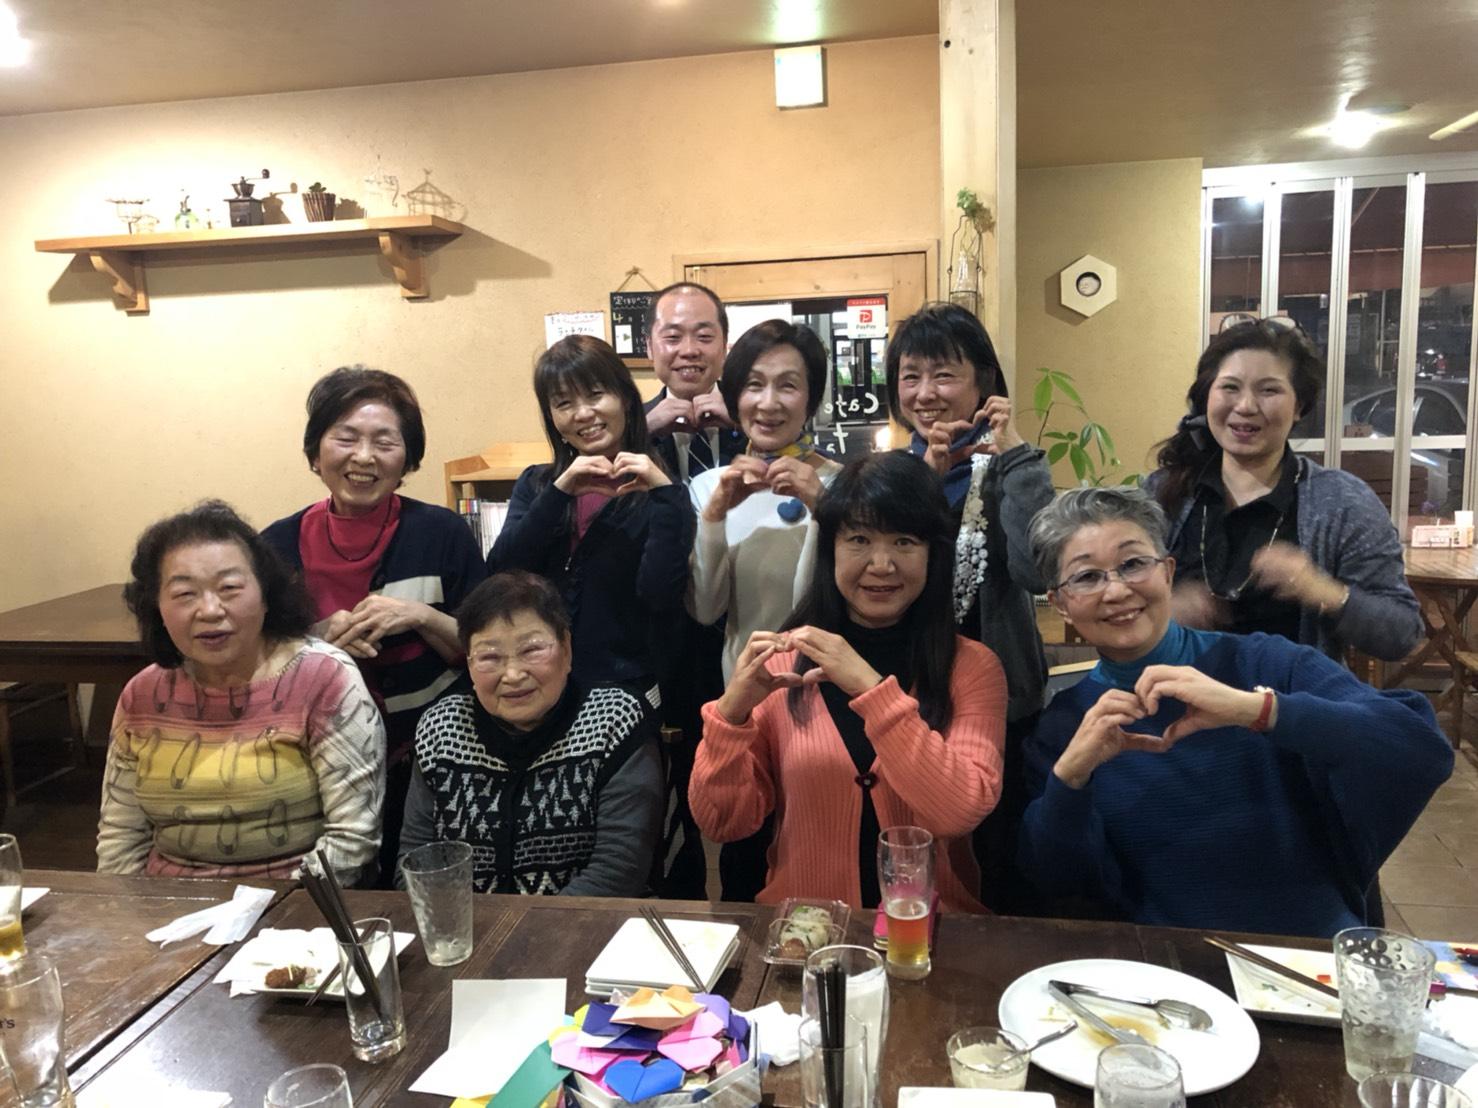 平成31年度大山崎町商工会女性部の通常総会と懇親会に参加しました🍀